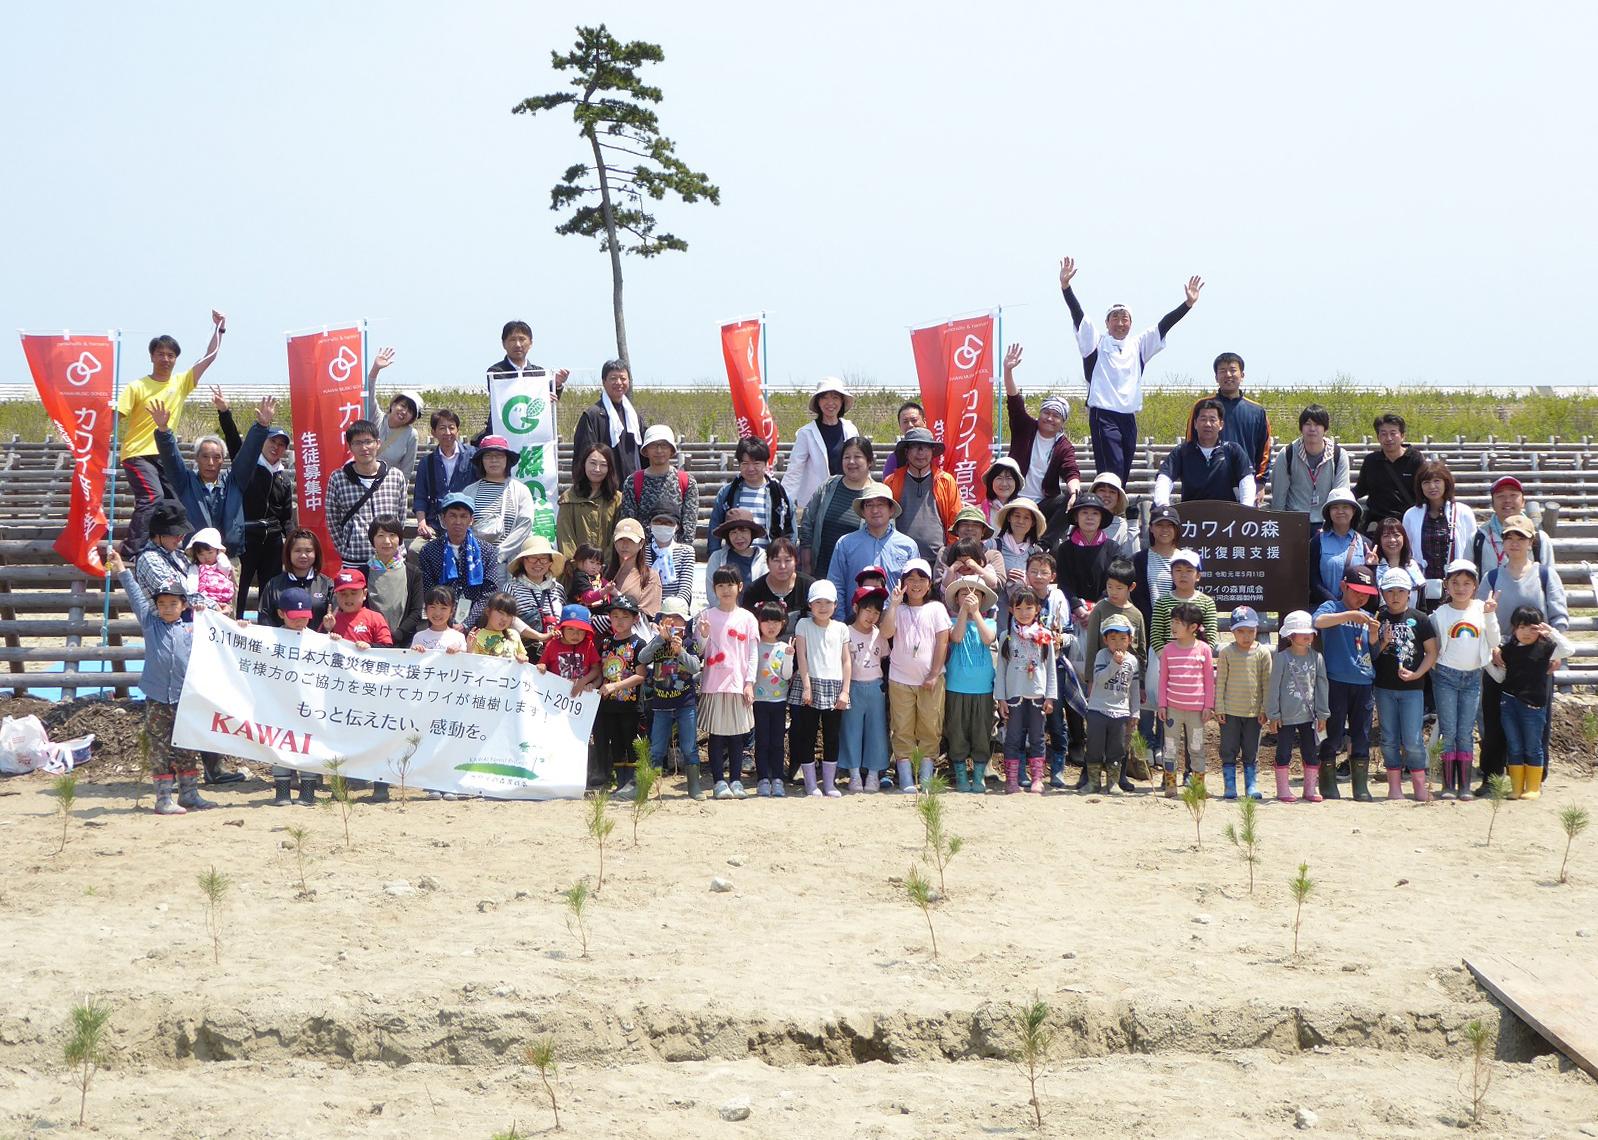 5月11日海岸防災林再生支援植樹会の様子